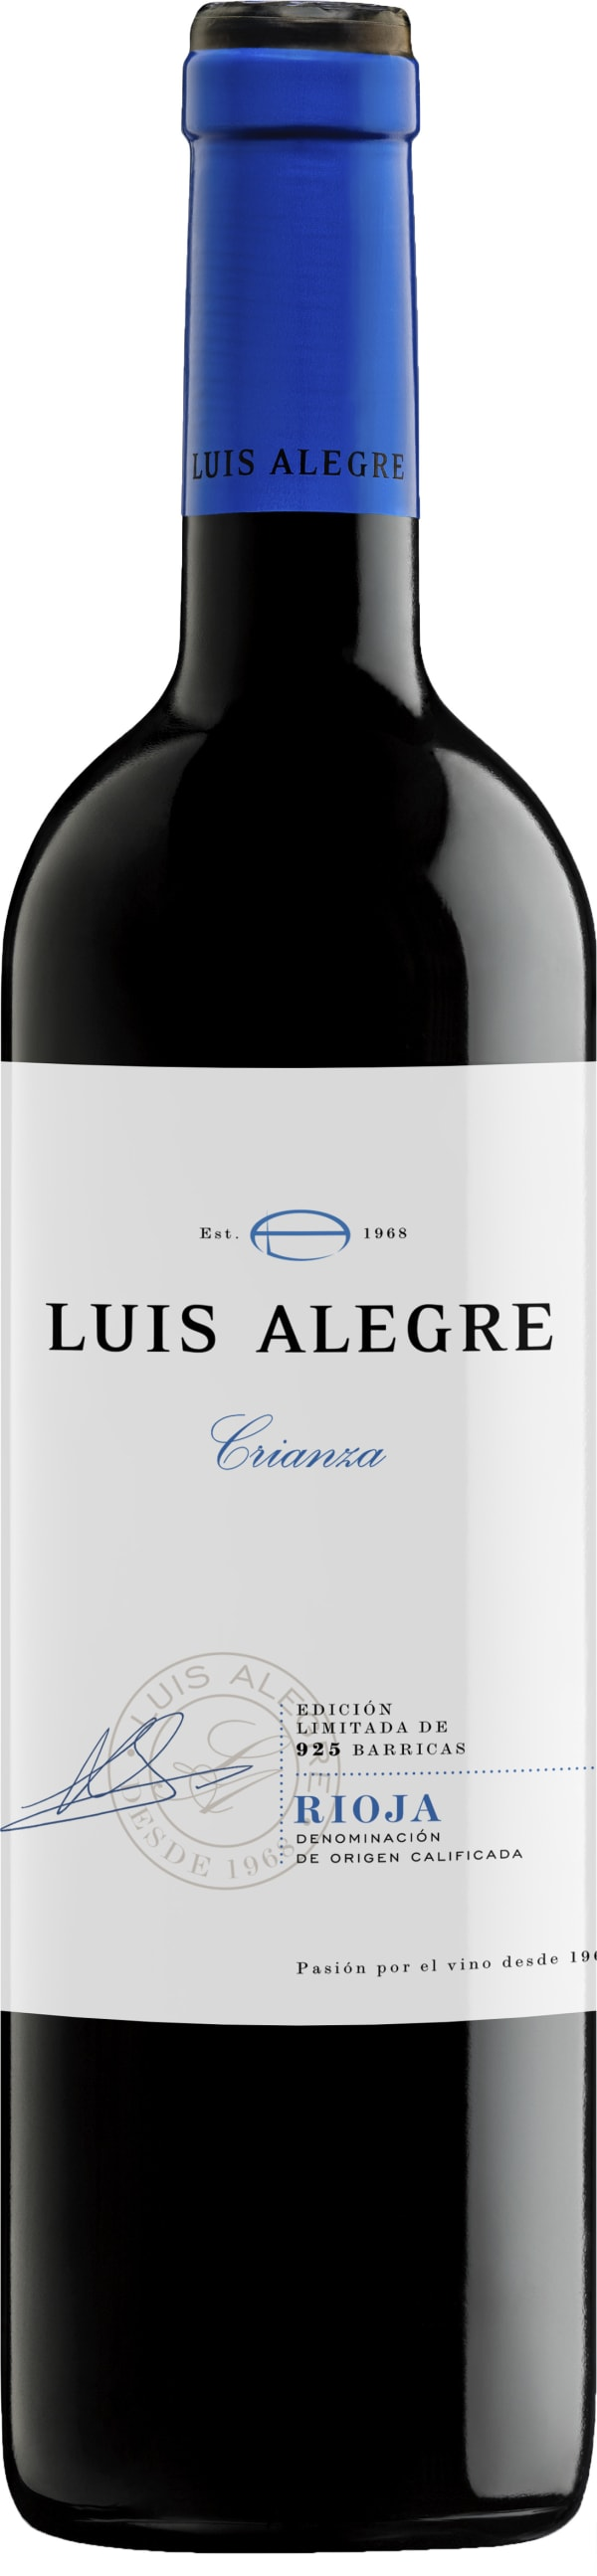 Luis Alegre Crianza 2015